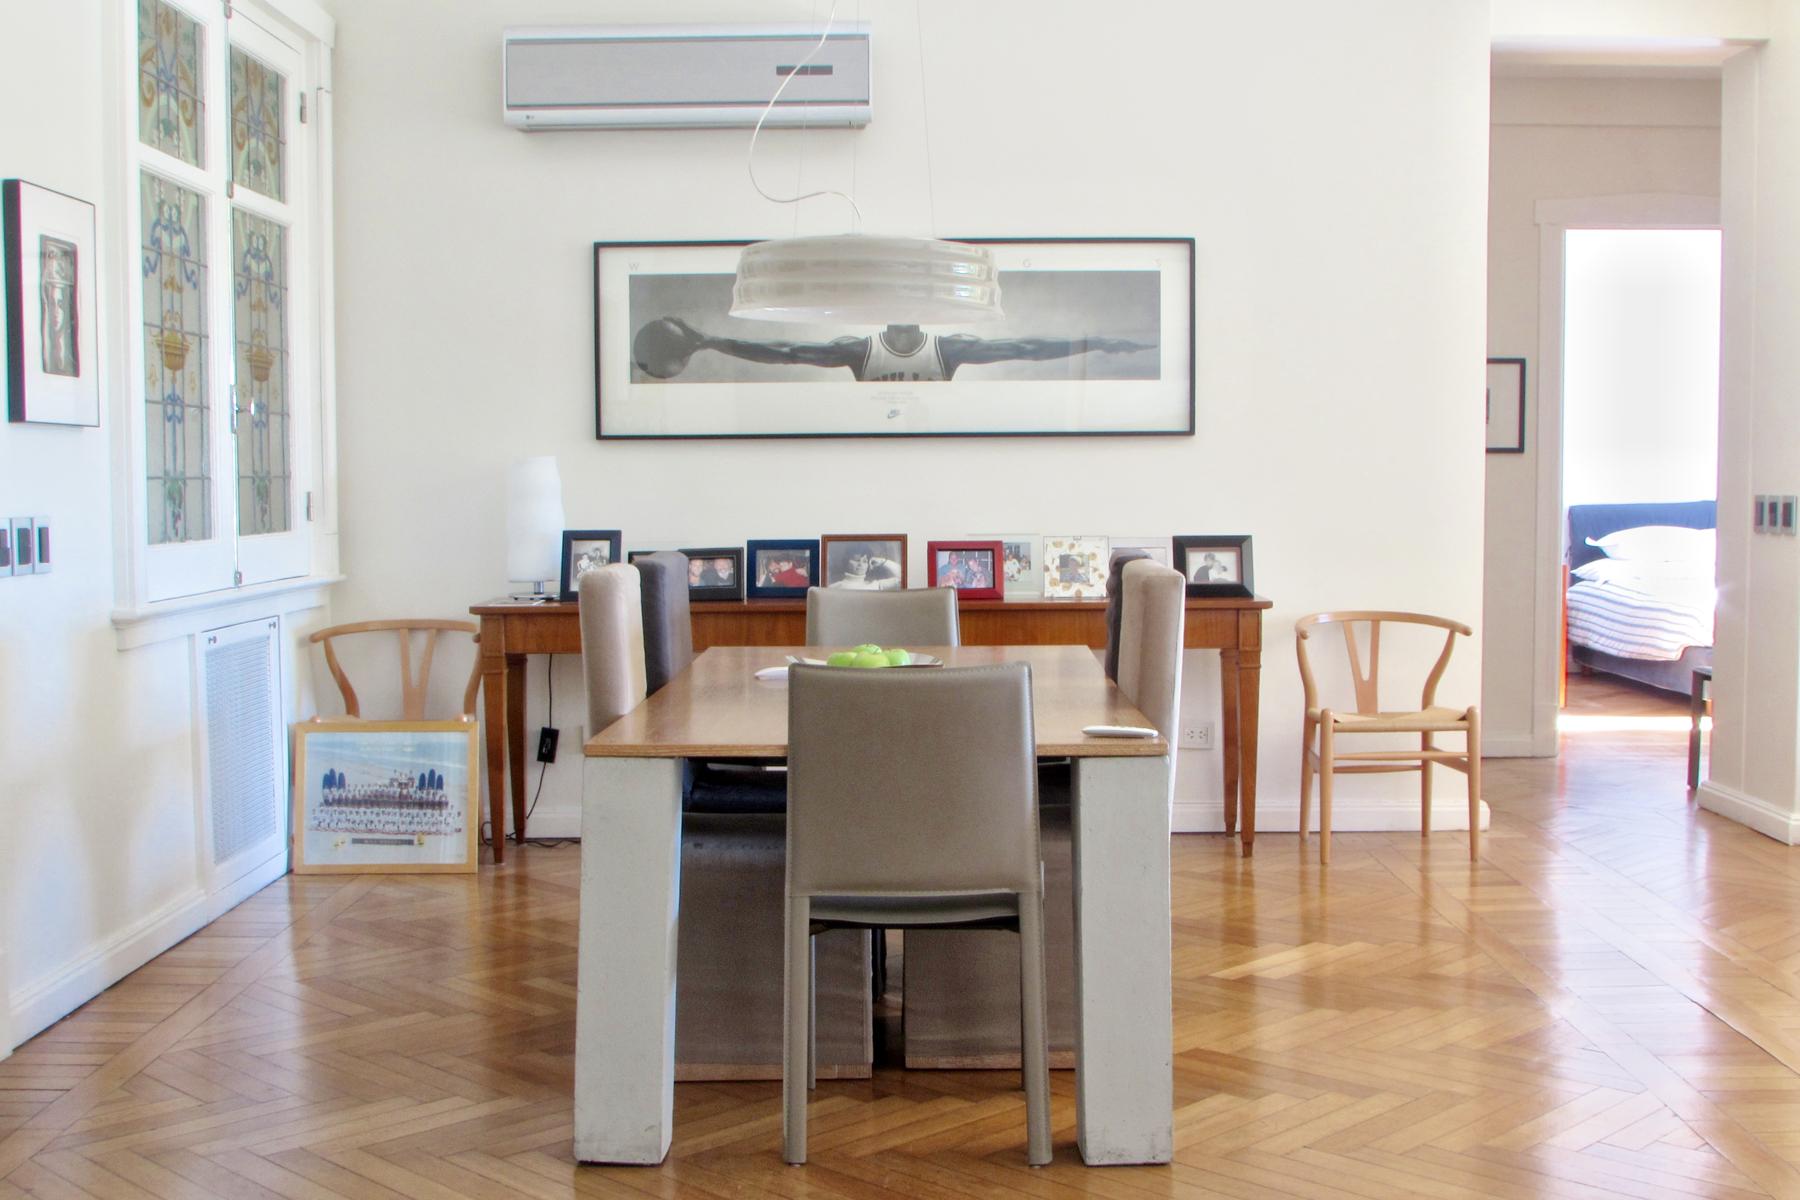 Квартира для того Аренда на Elegant 177 m2 half floor Av. Libertador 3500 Buenos Aires, Буэнос-Айрес, C1425ABV Аргентина